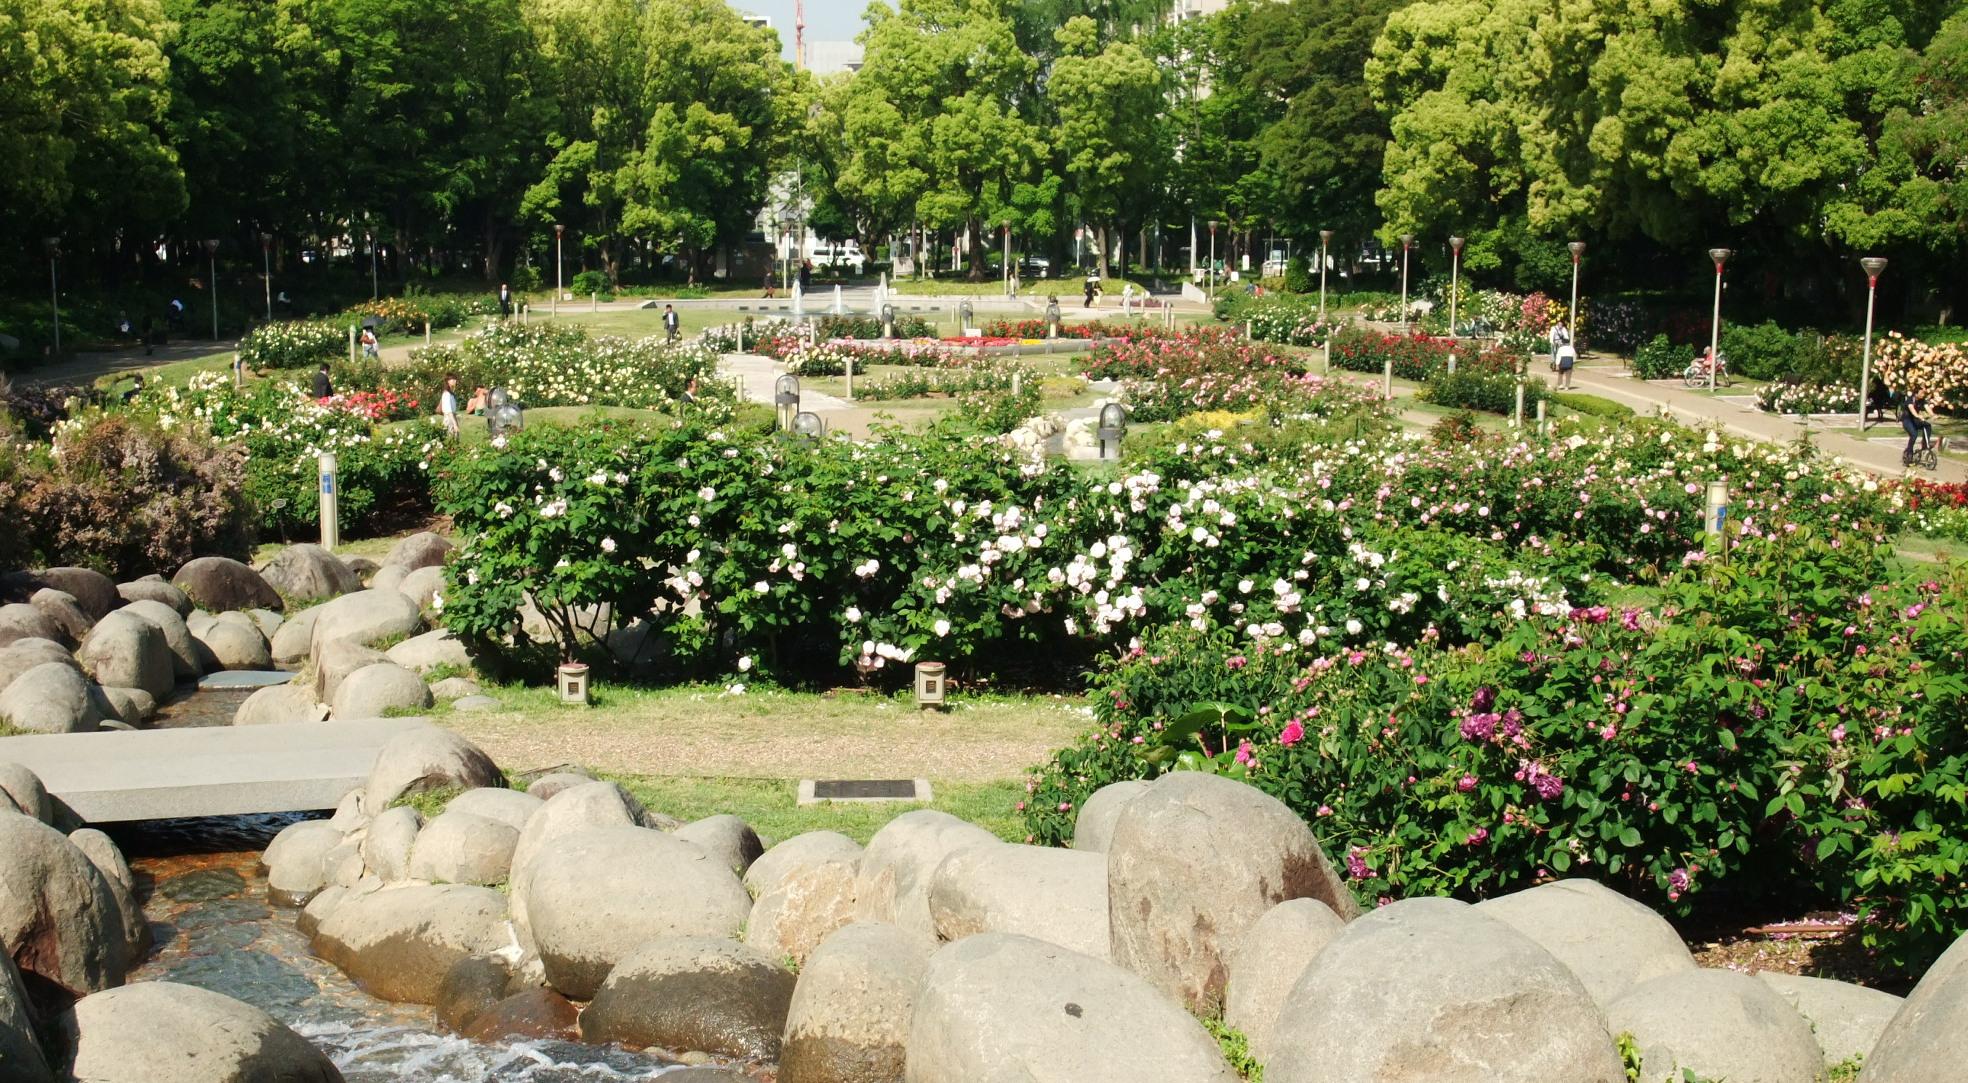 靭公園の近く、大阪西本町の節電コンサルティングファーム 「ハートワーク」